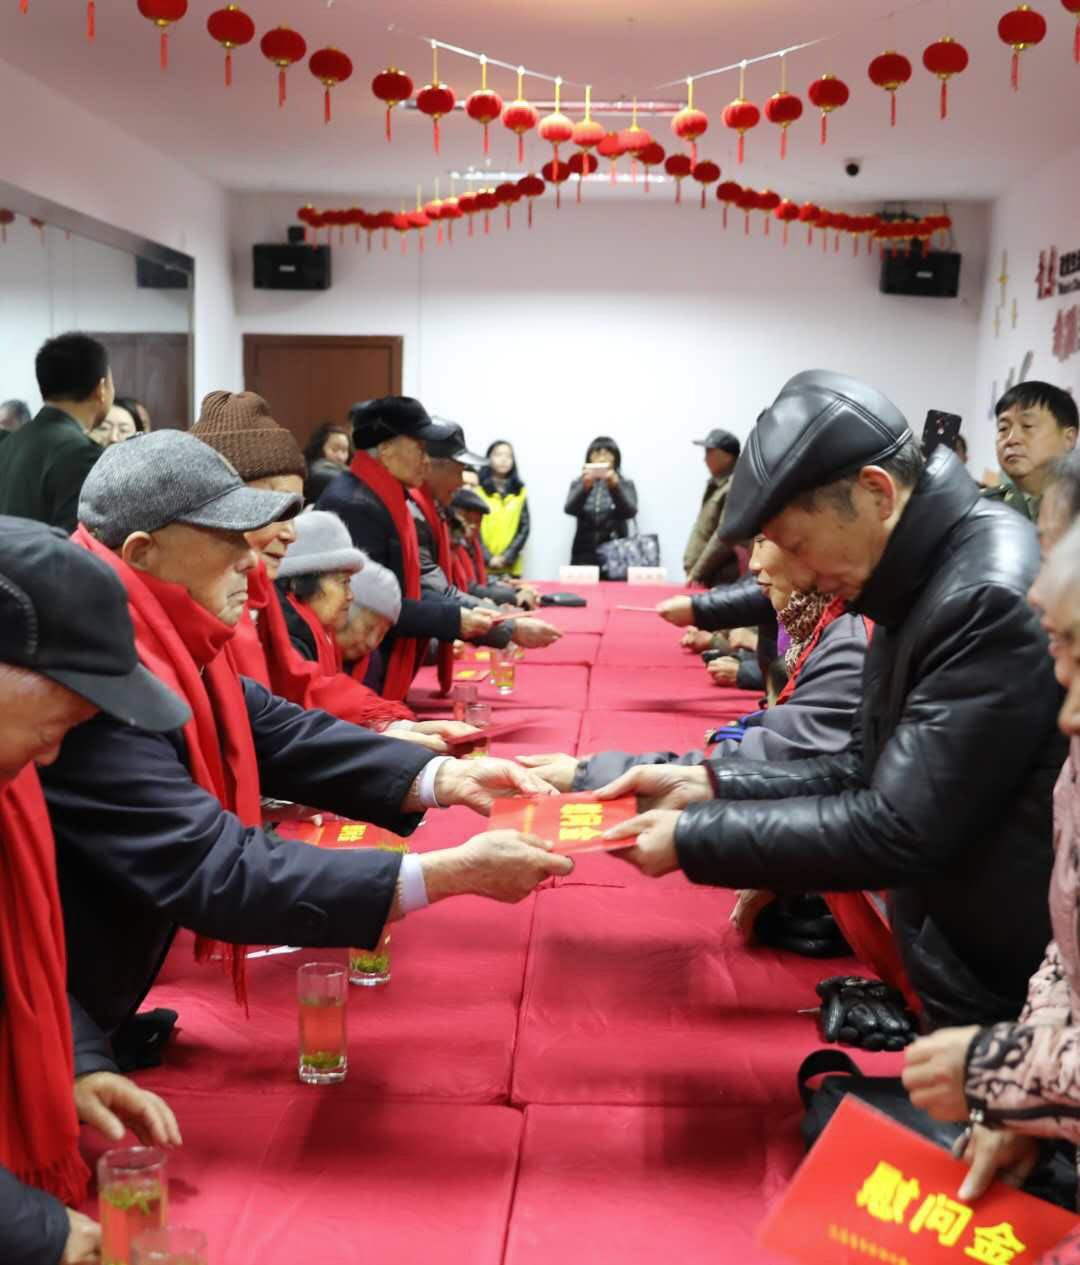 江苏省军区扬州第一干休所老干部慰问群众